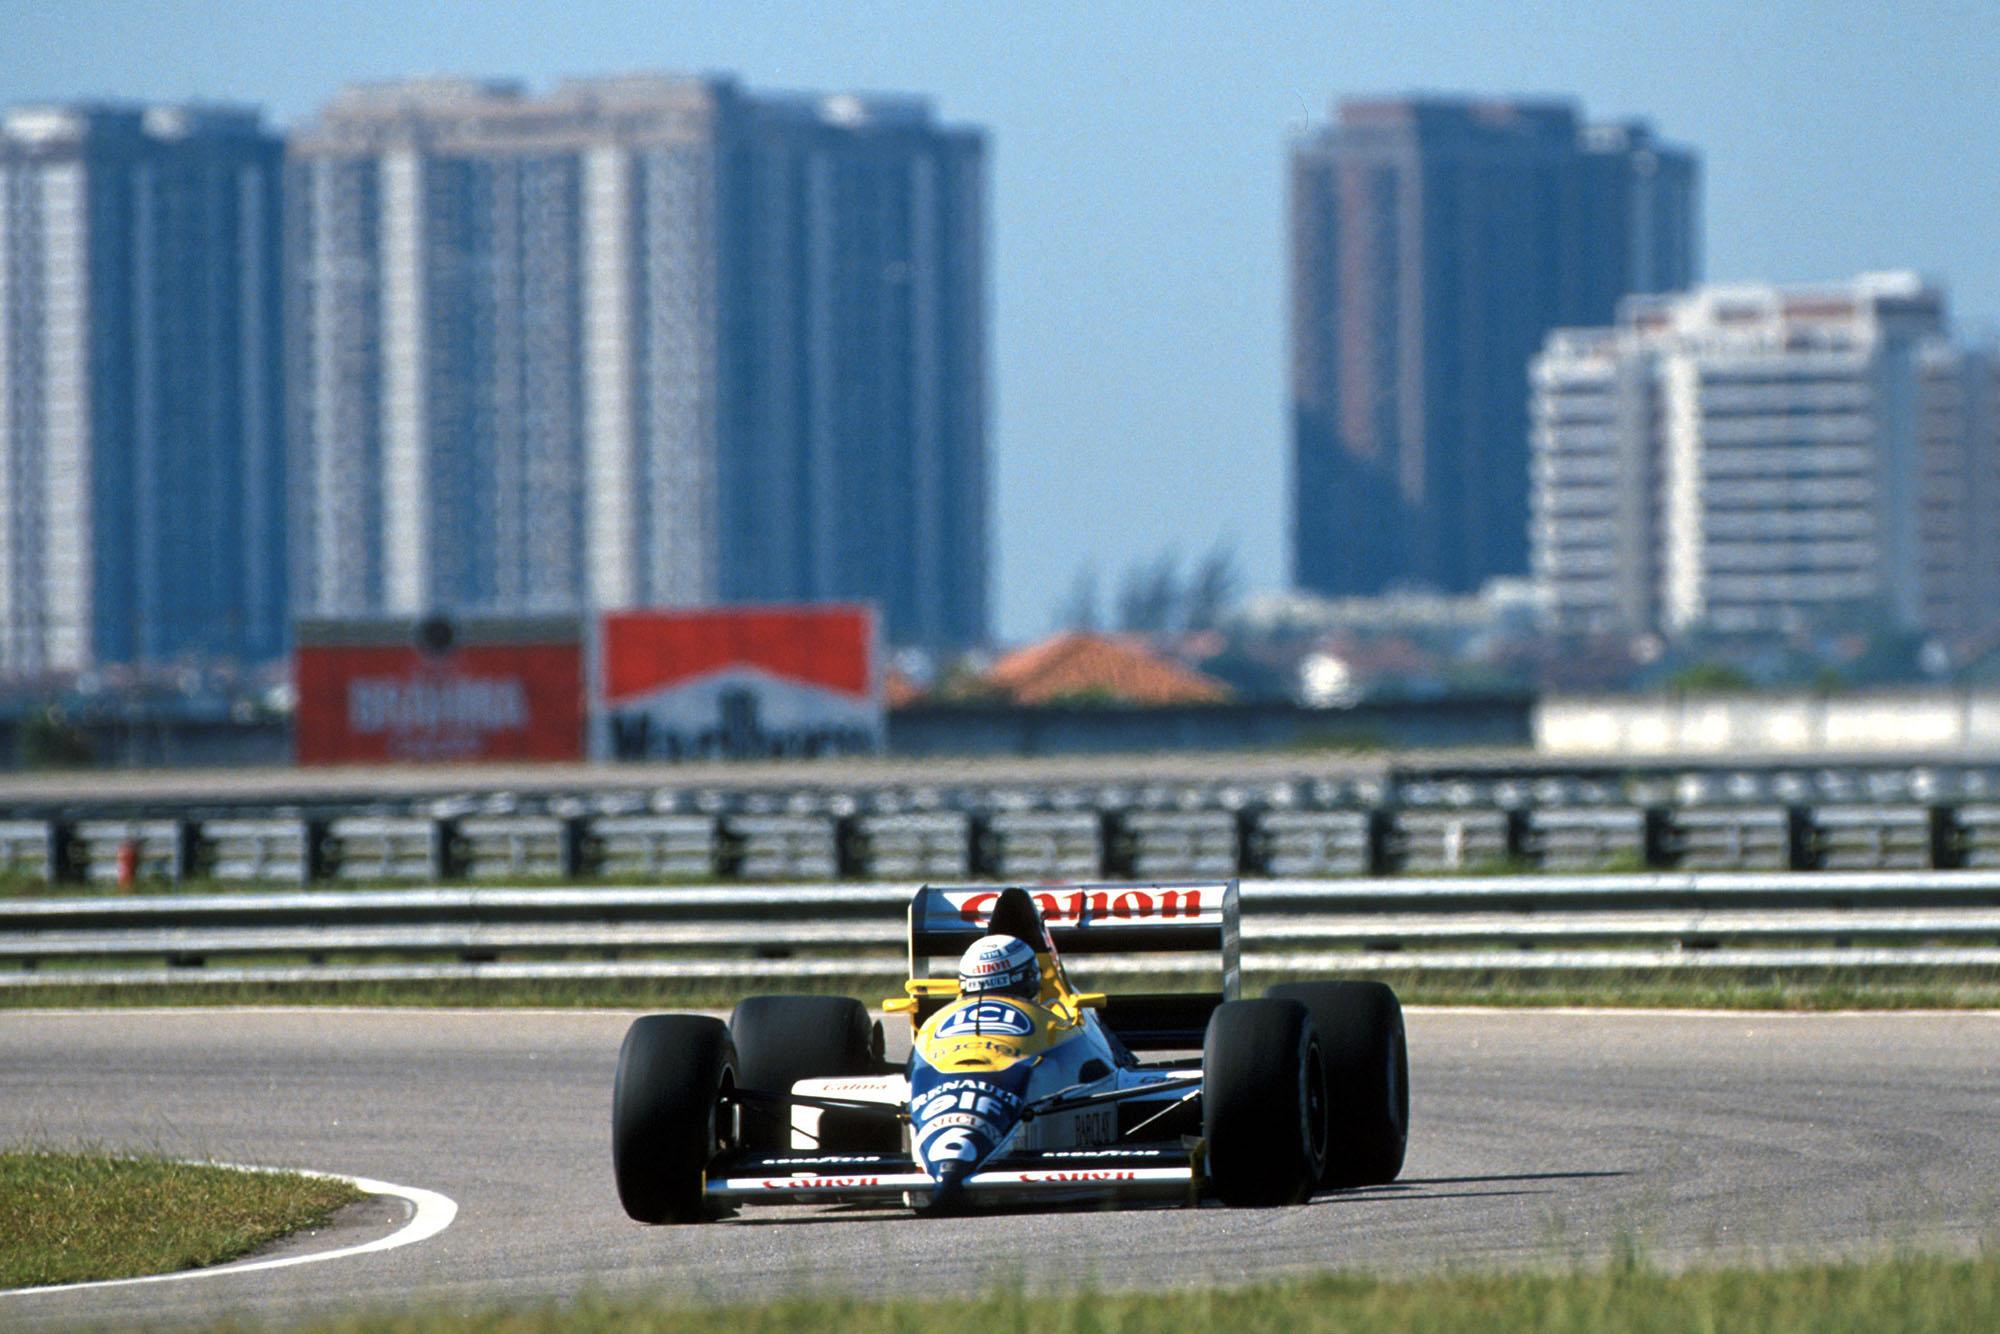 1989 Brazilian GP Patrese fastest lap